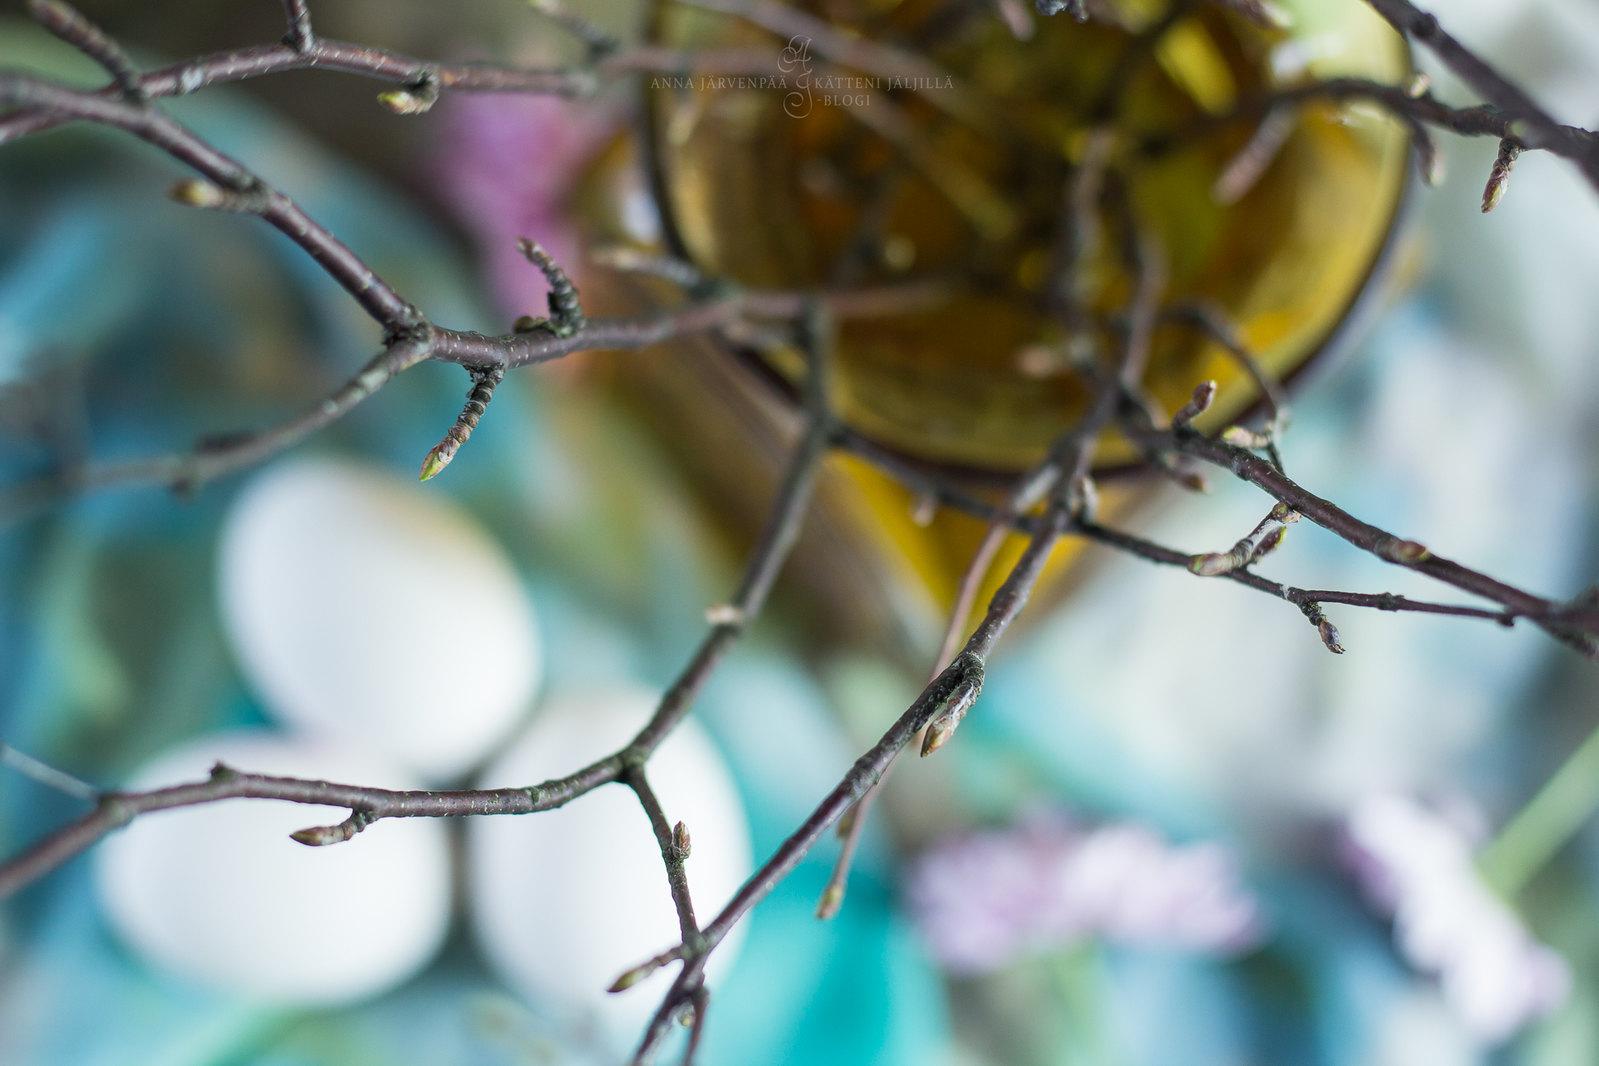 Kevään merkit / Signs of the spring